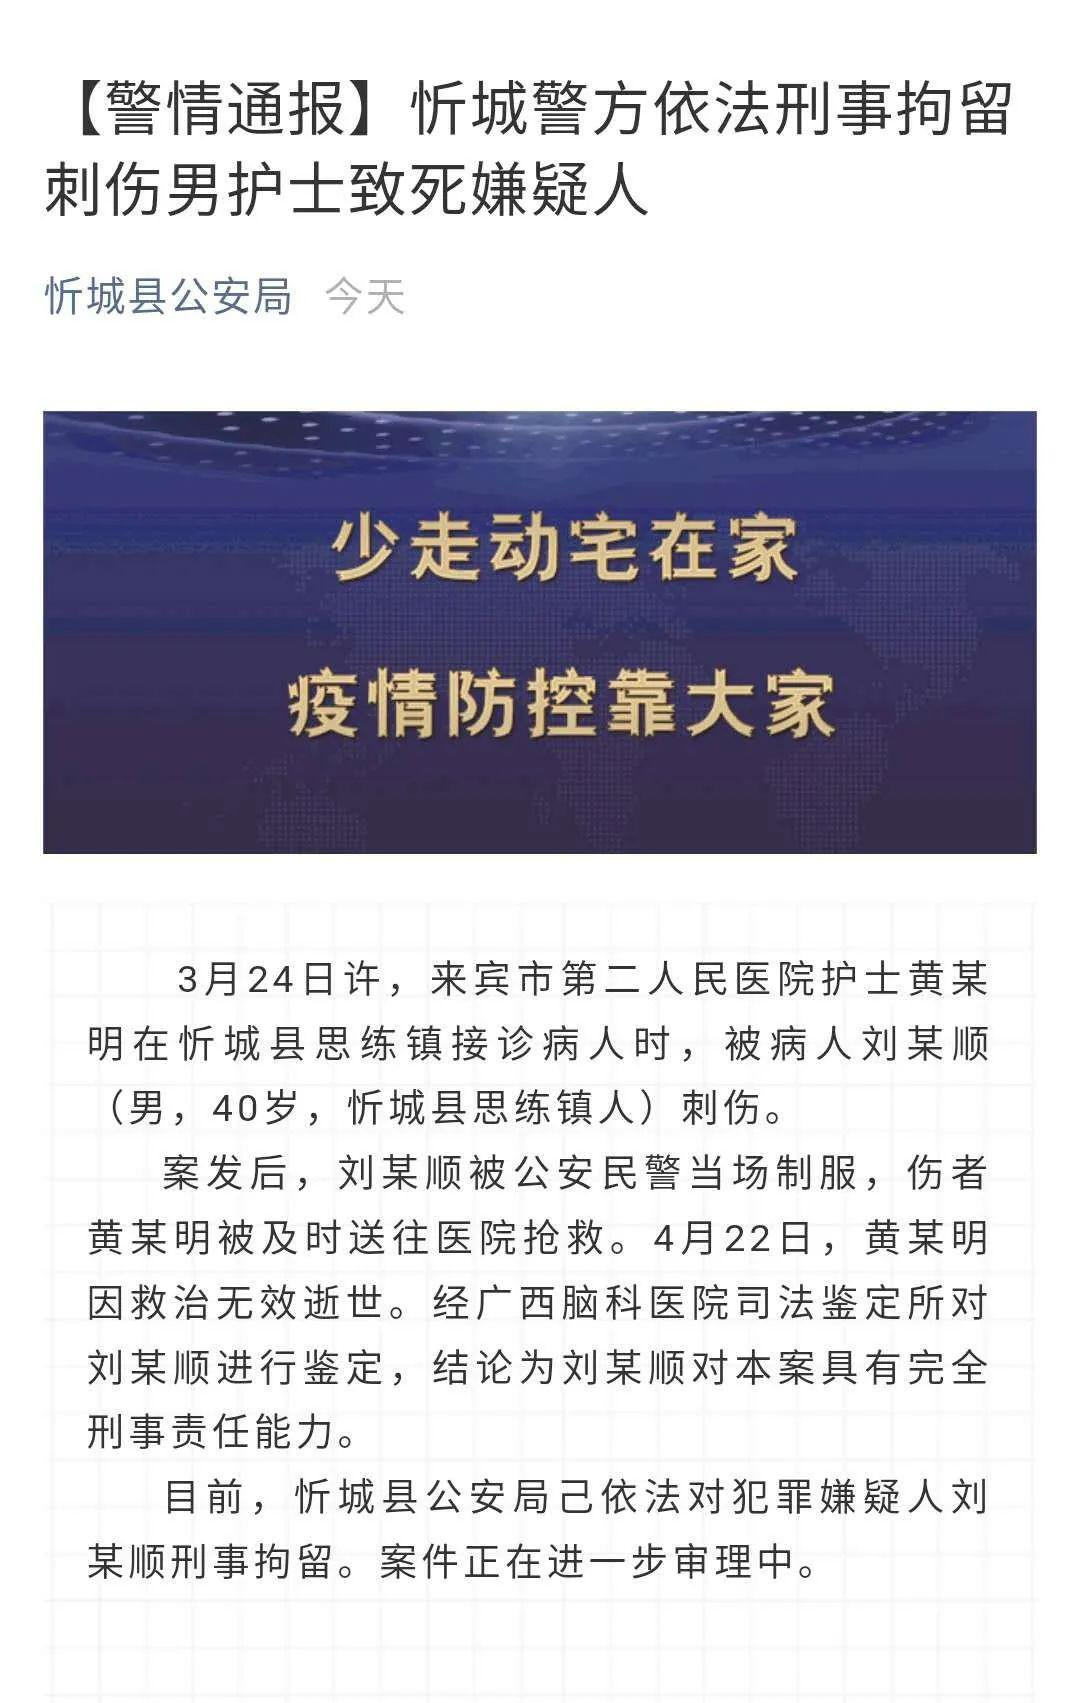 最新通报!广西男护士被刺伤致死案的嫌疑人已被警方刑拘【930新闻眼】